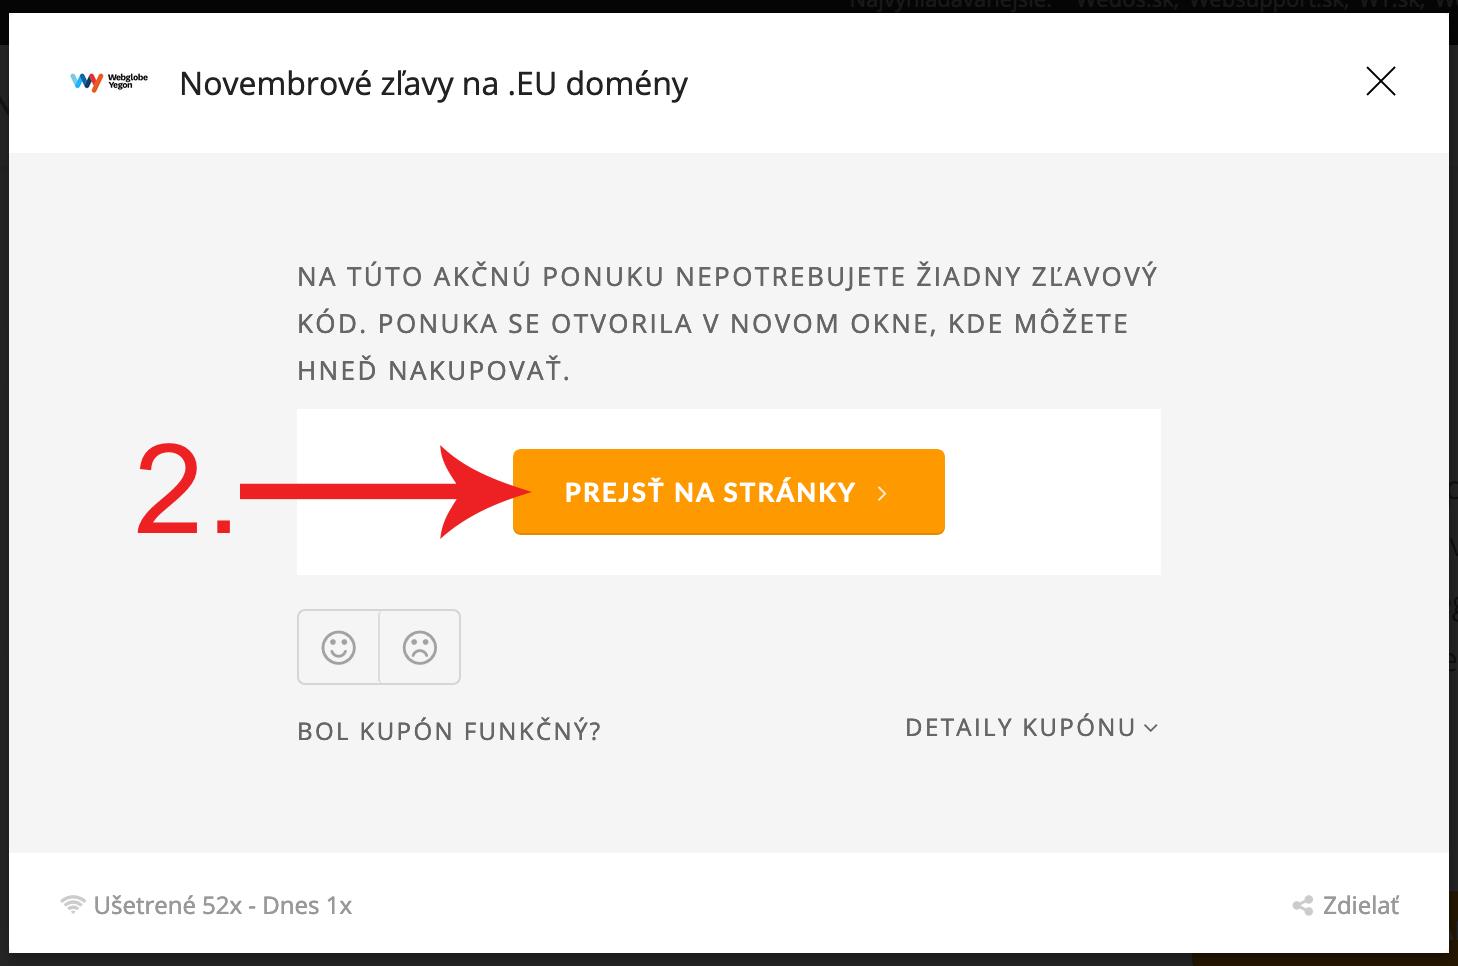 Ako uplatniť zľavu na Wy.sk